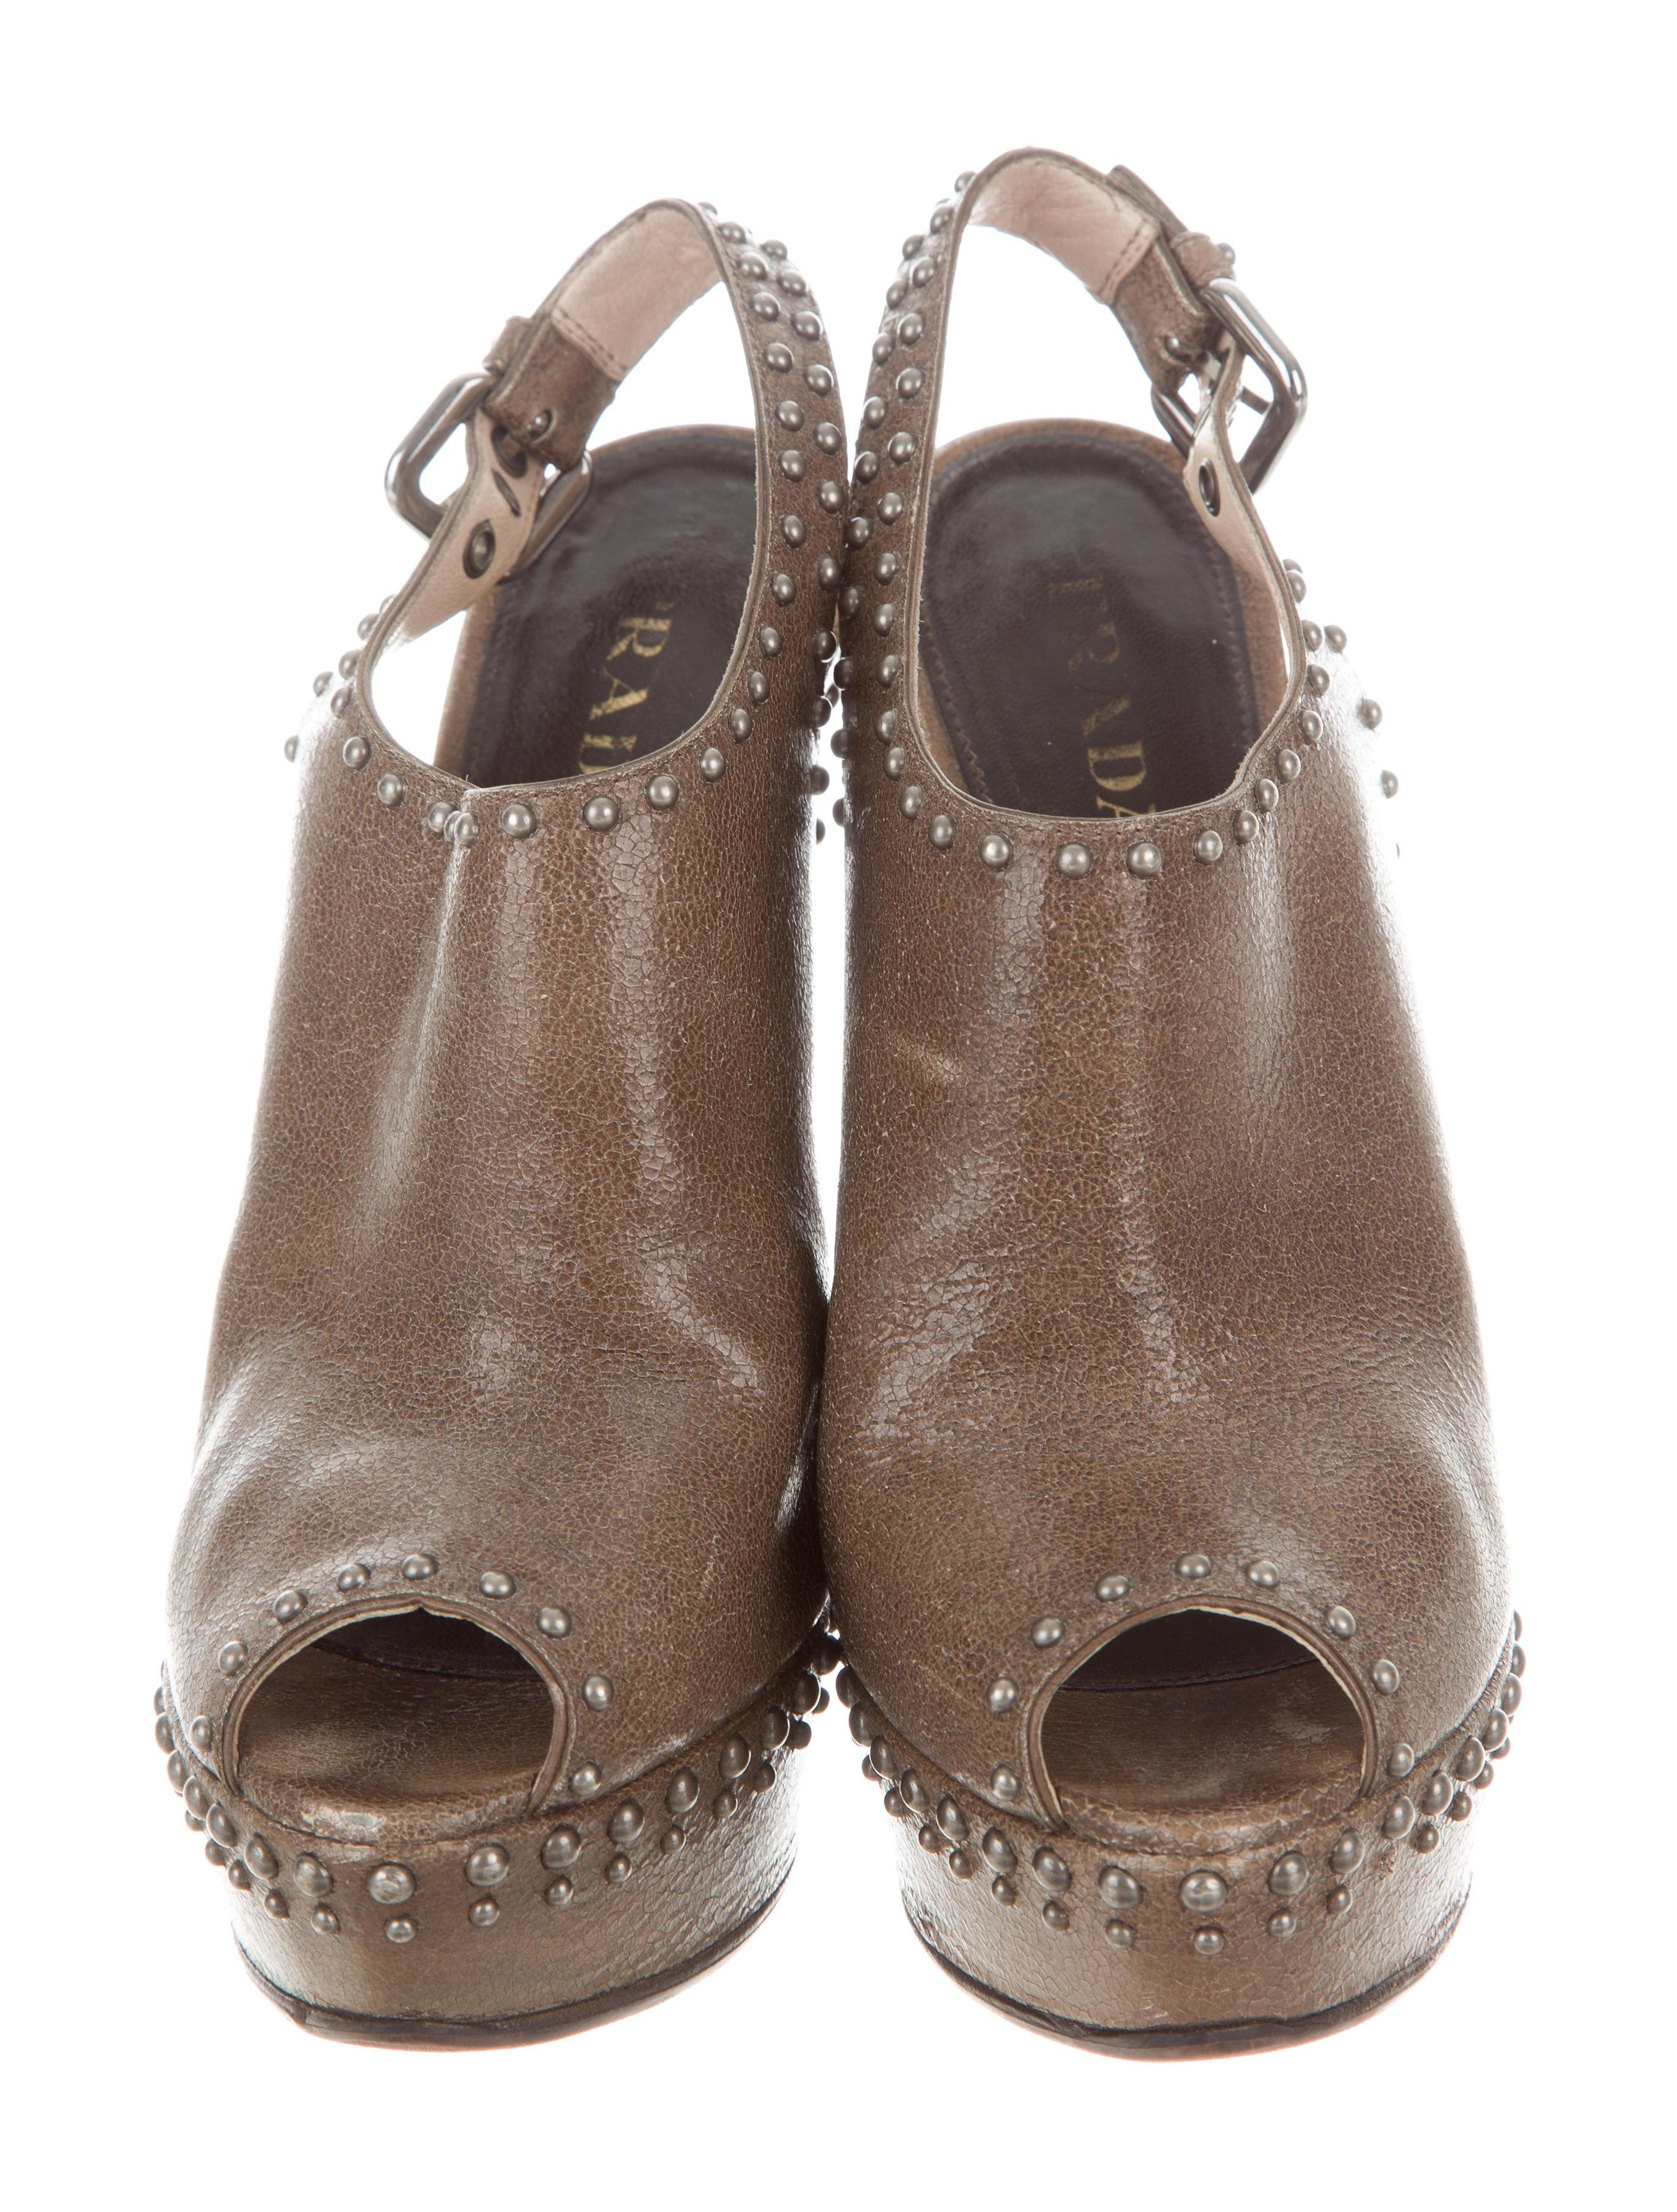 Prada Studded Platform Sandals Shoes Pra158199 The